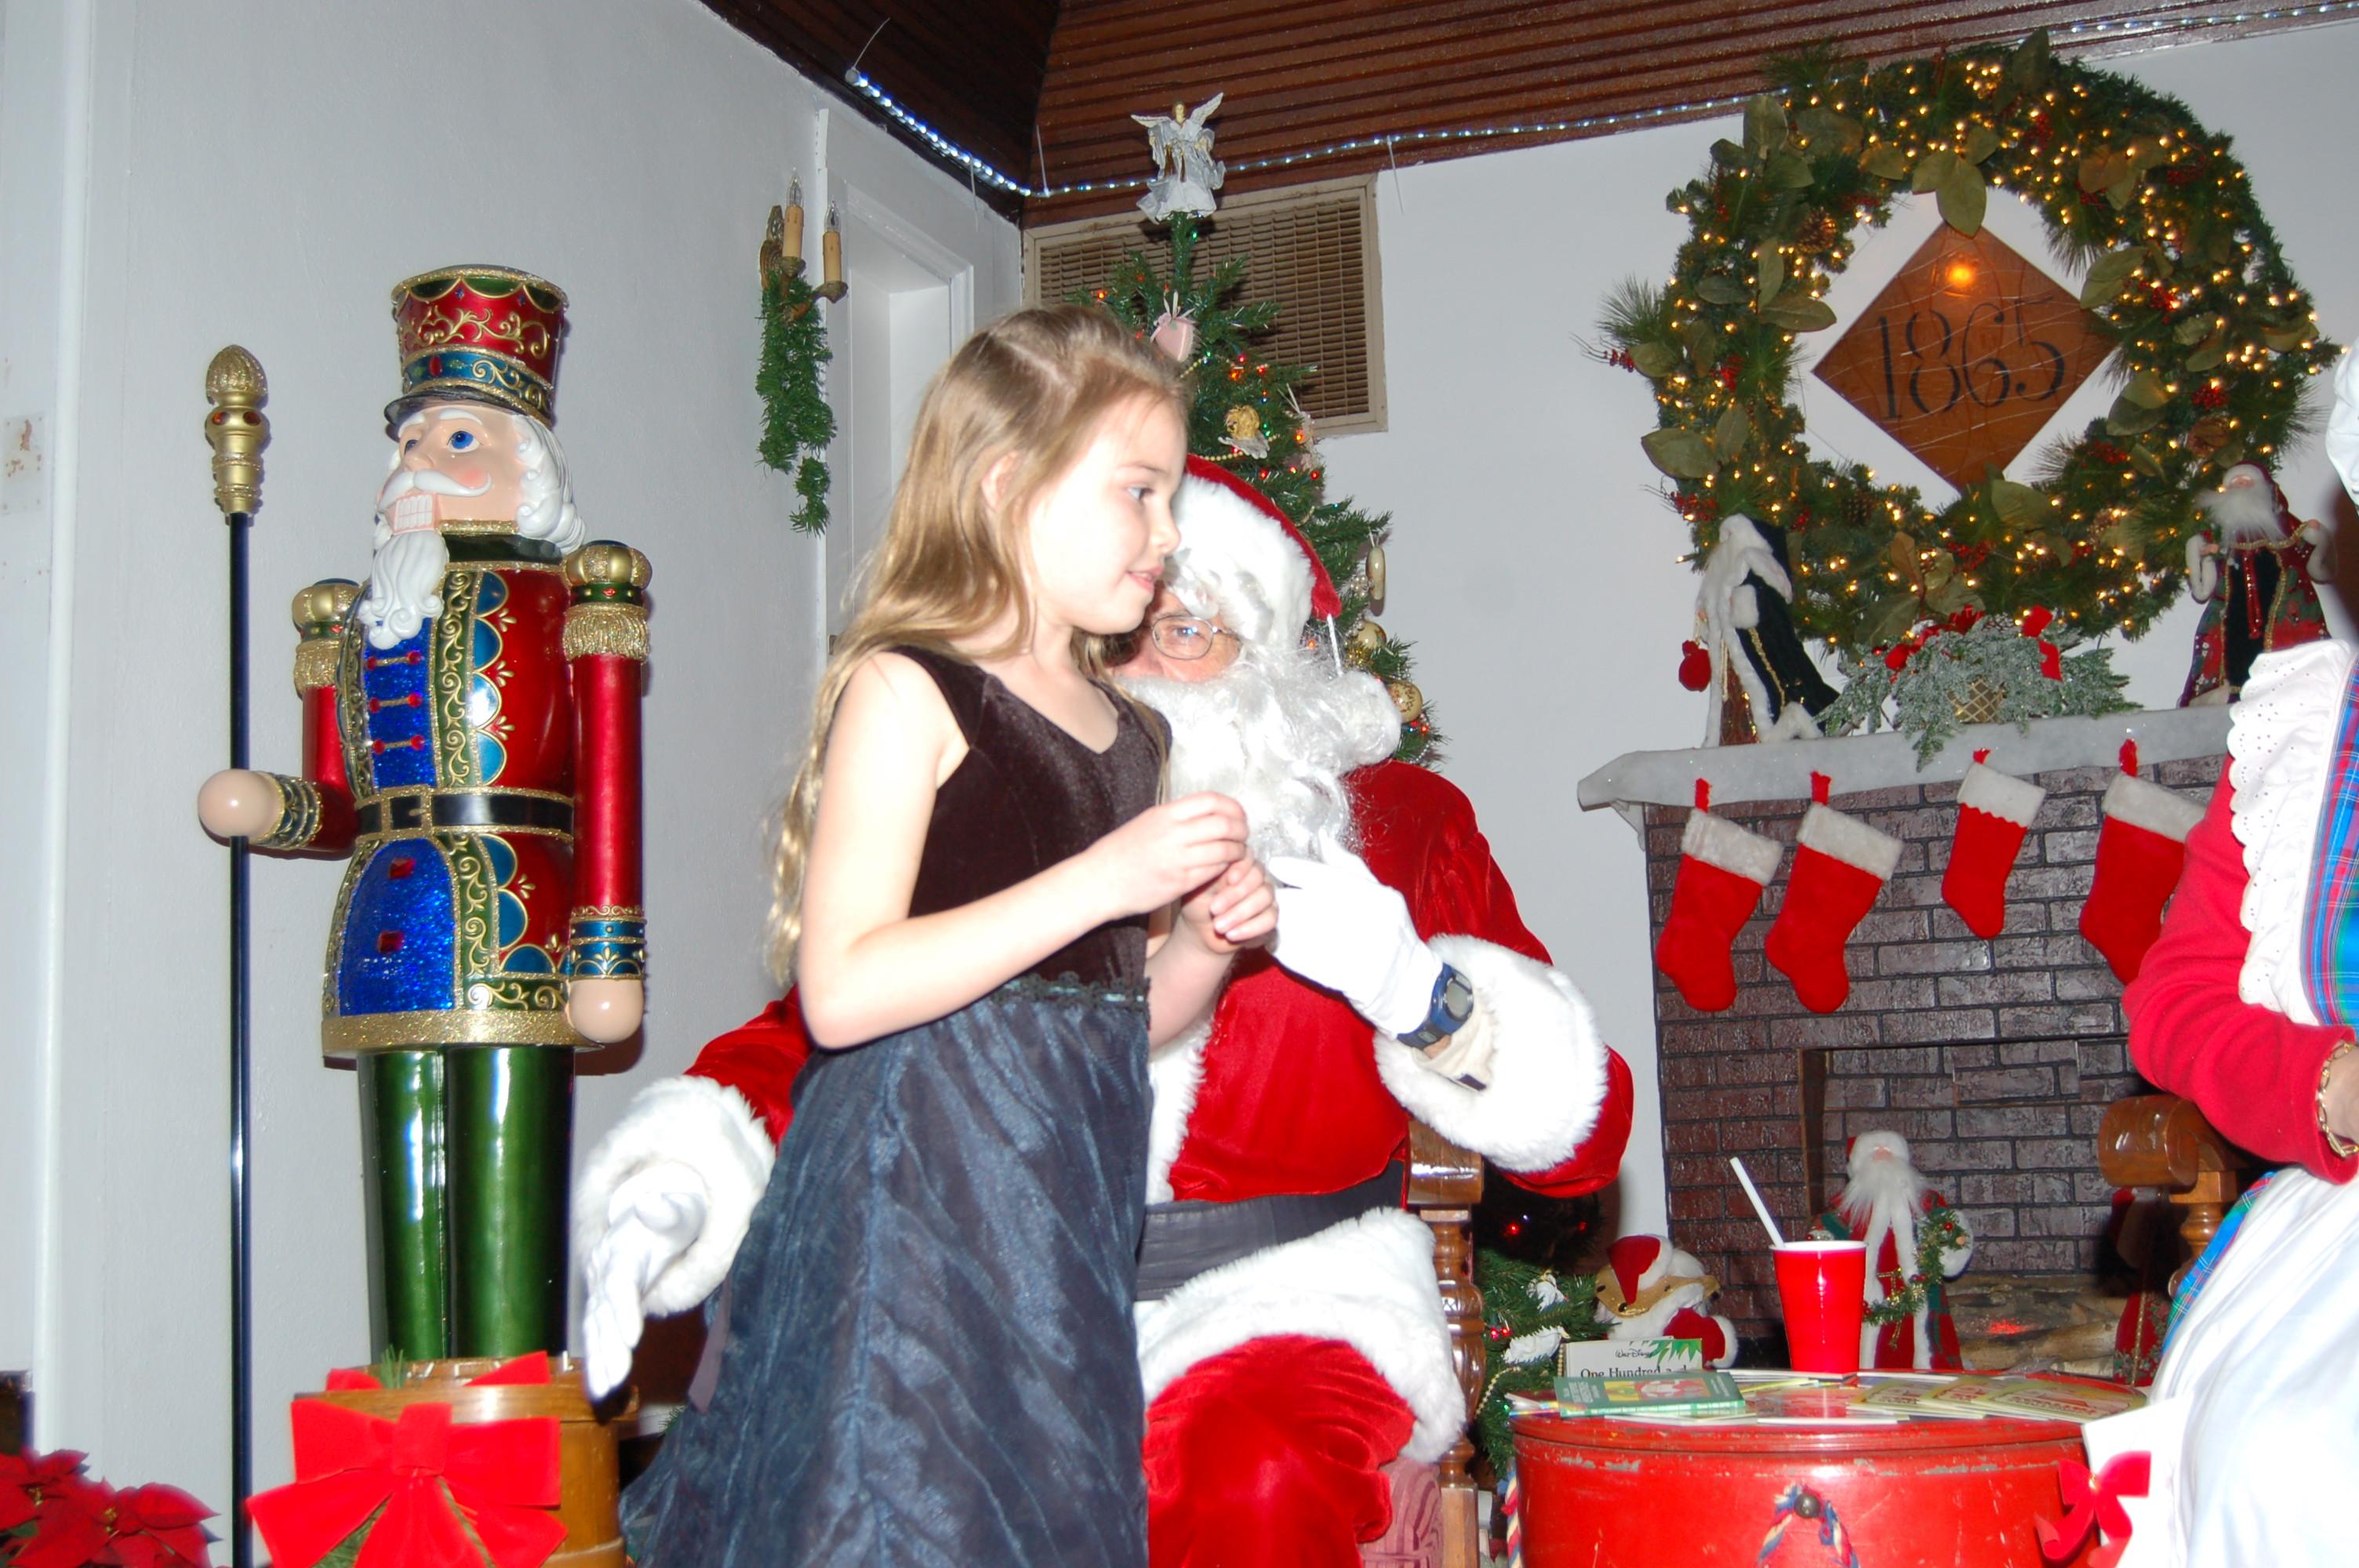 LolliPop+Lane+12-12-2008+Picture+026.jpg